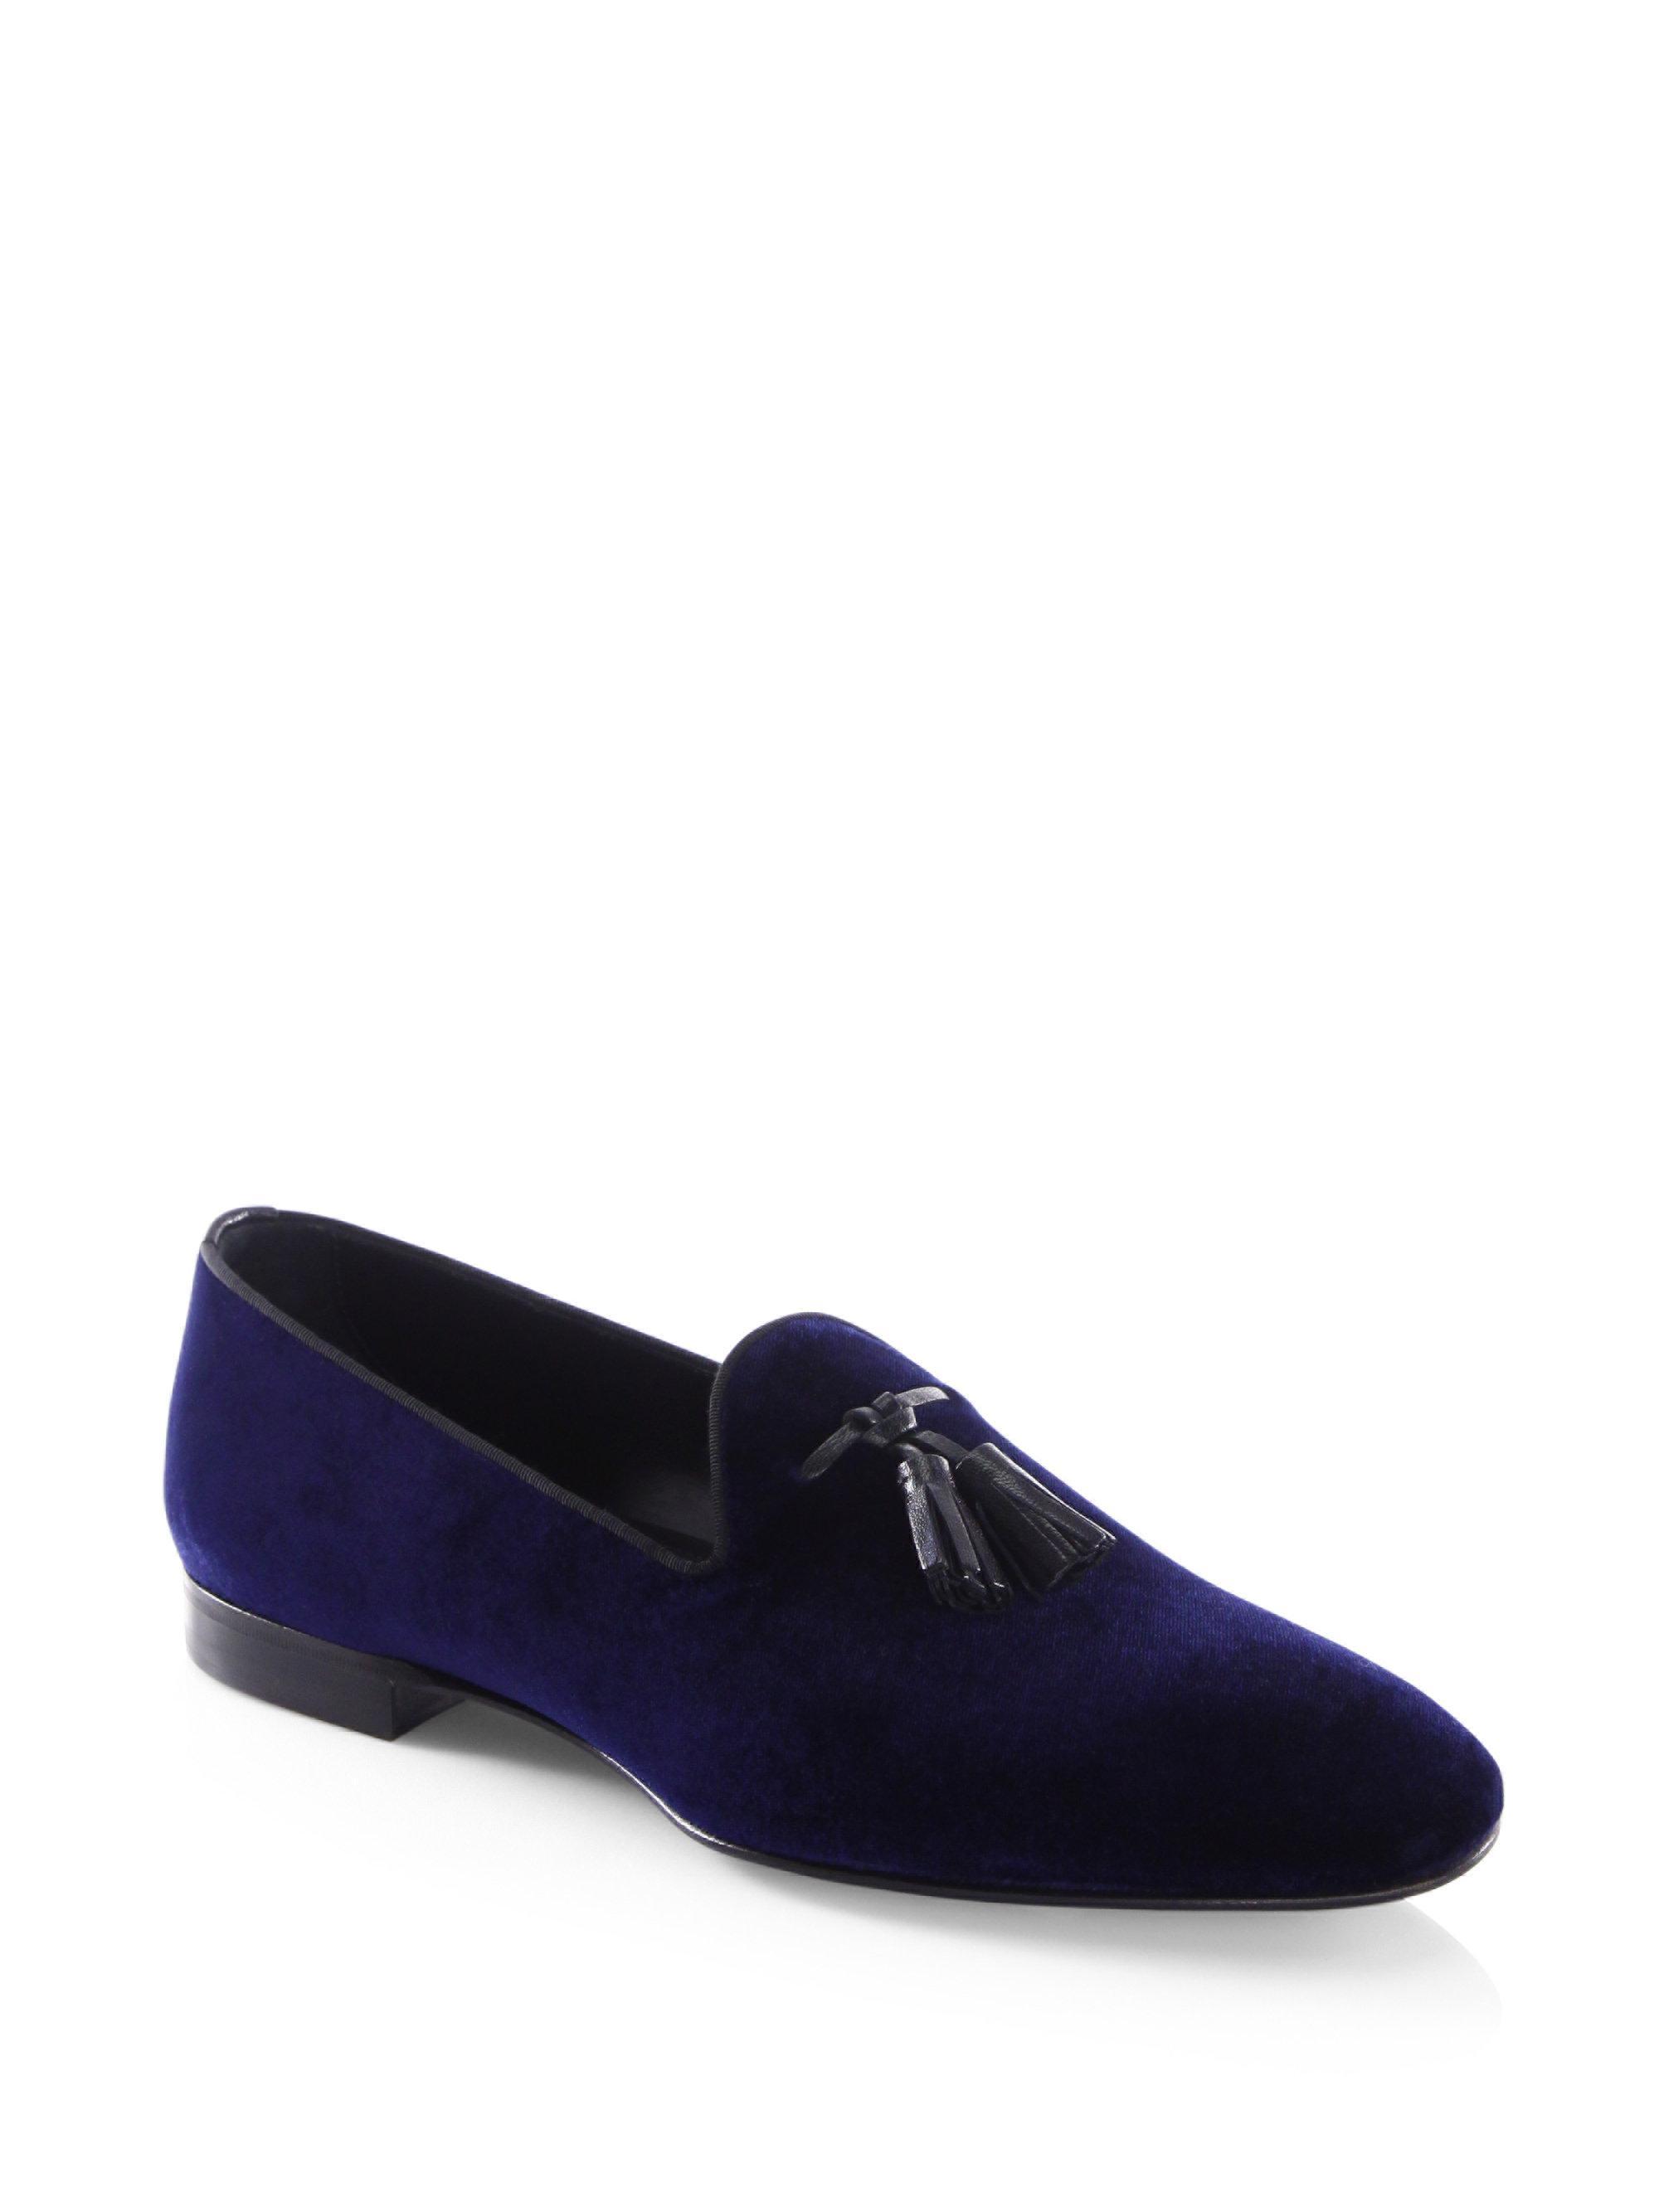 6da020a234f Lyst - BOSS Glam Slon Velvet Tassel Smoking Slippers in Blue for Men